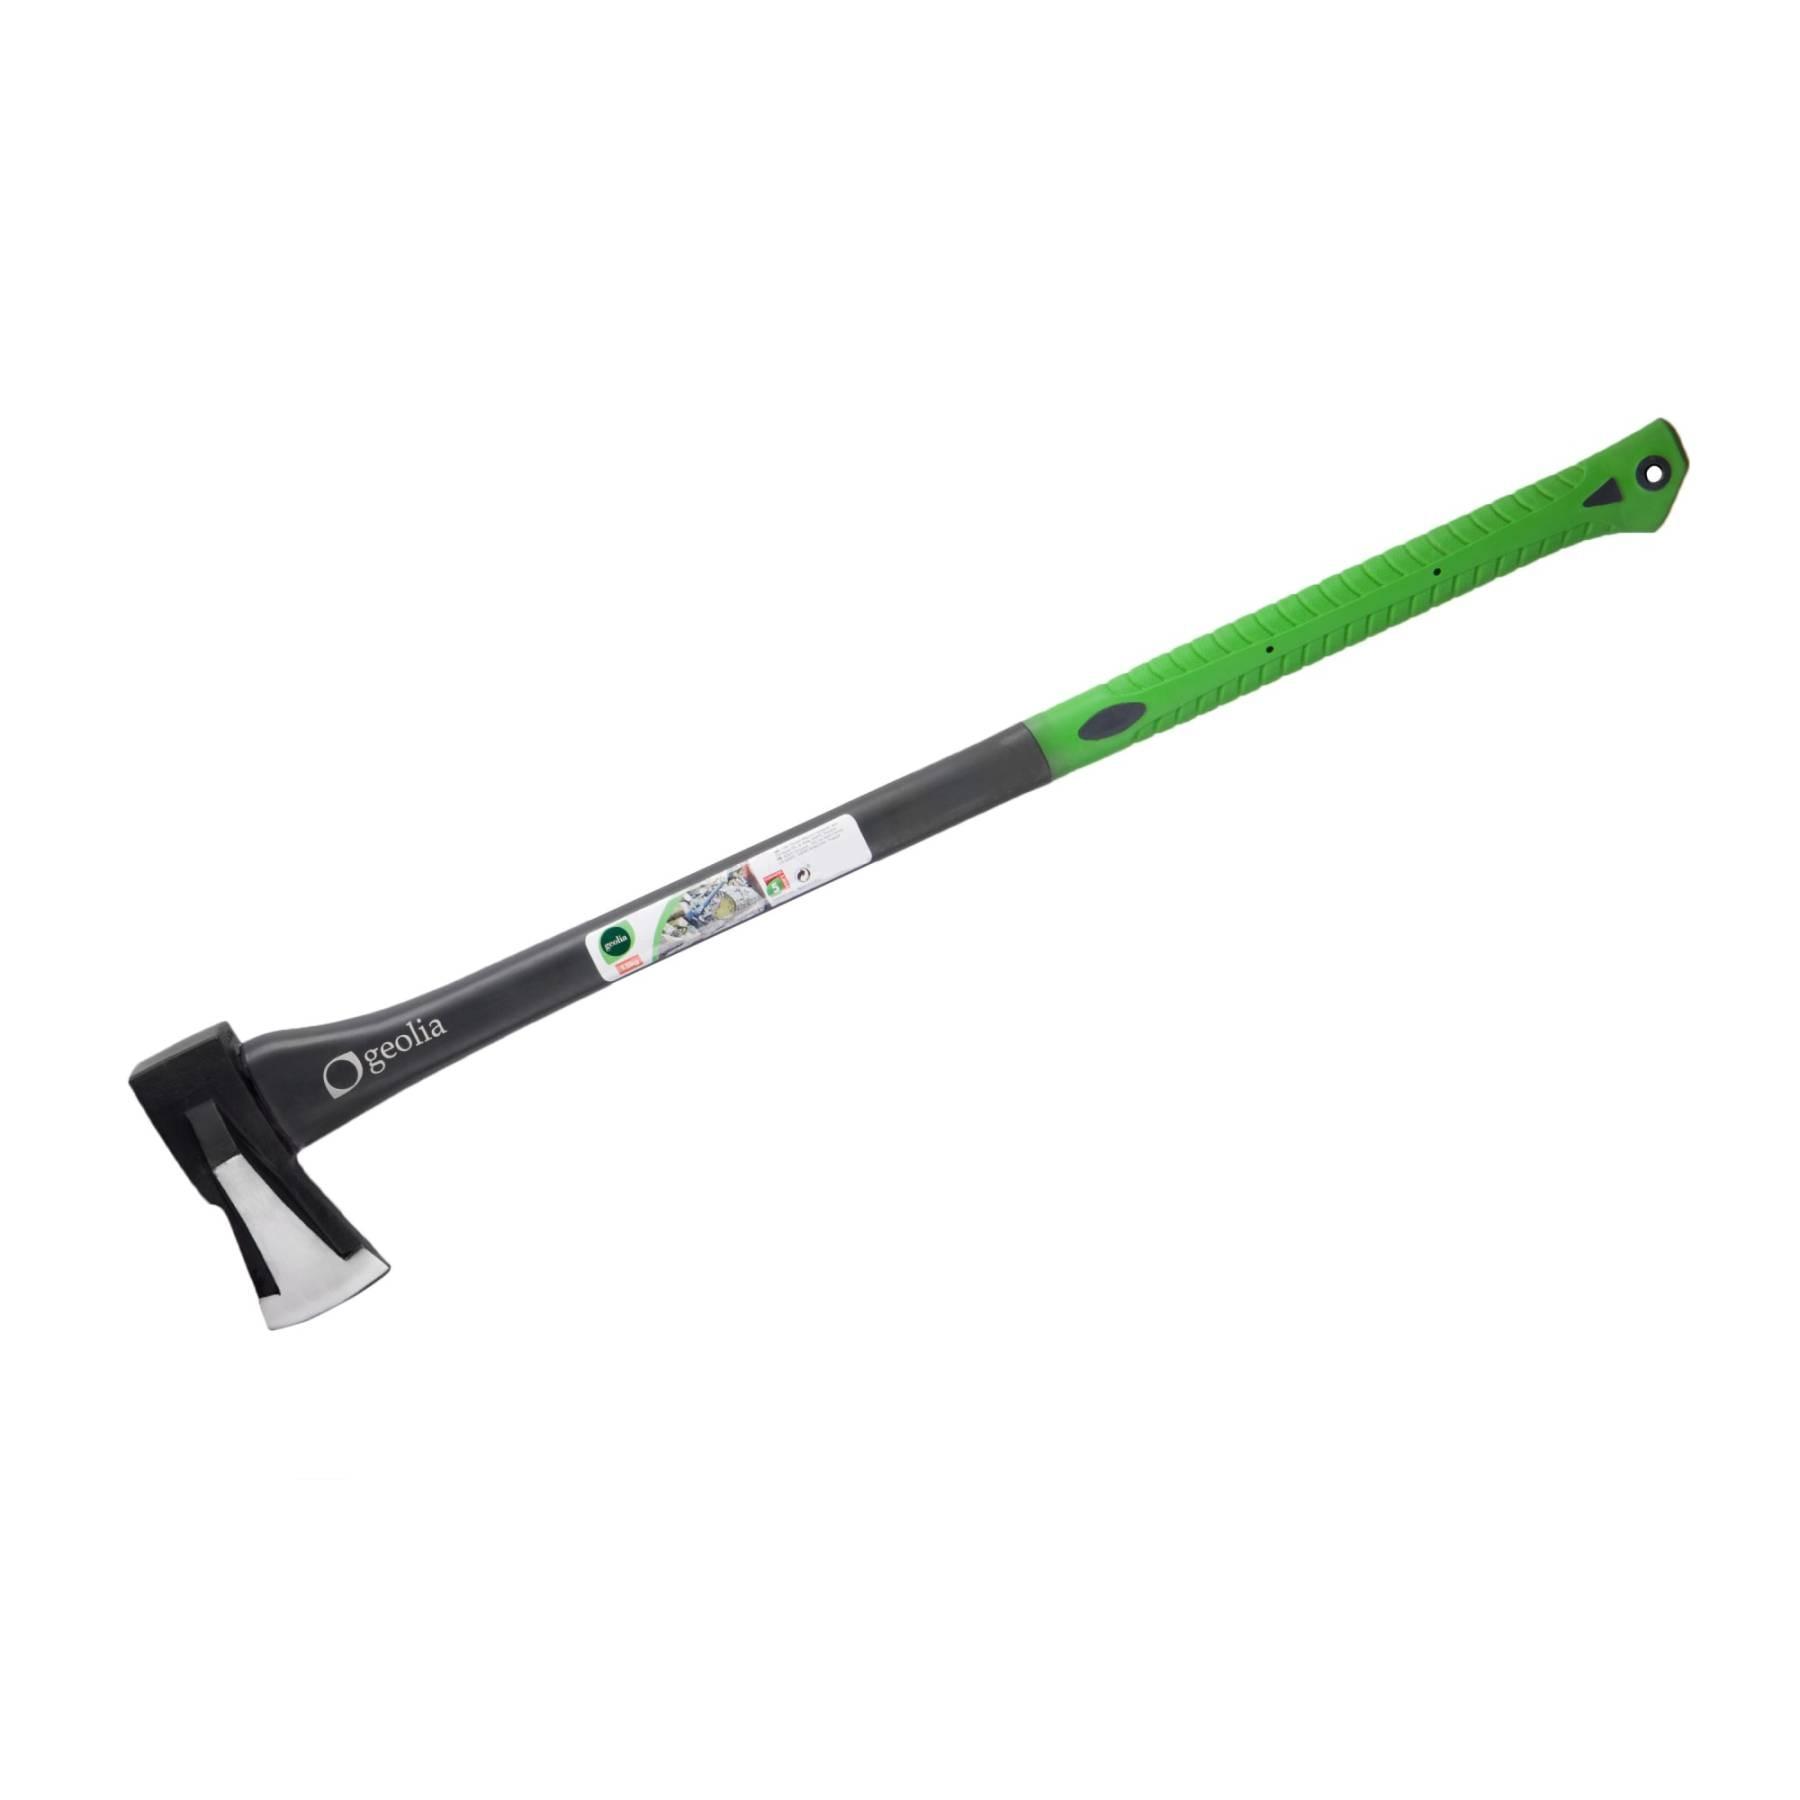 Топор Geolia 1.5 кг, фиберглассовая ручка|Топор| | АлиЭкспресс